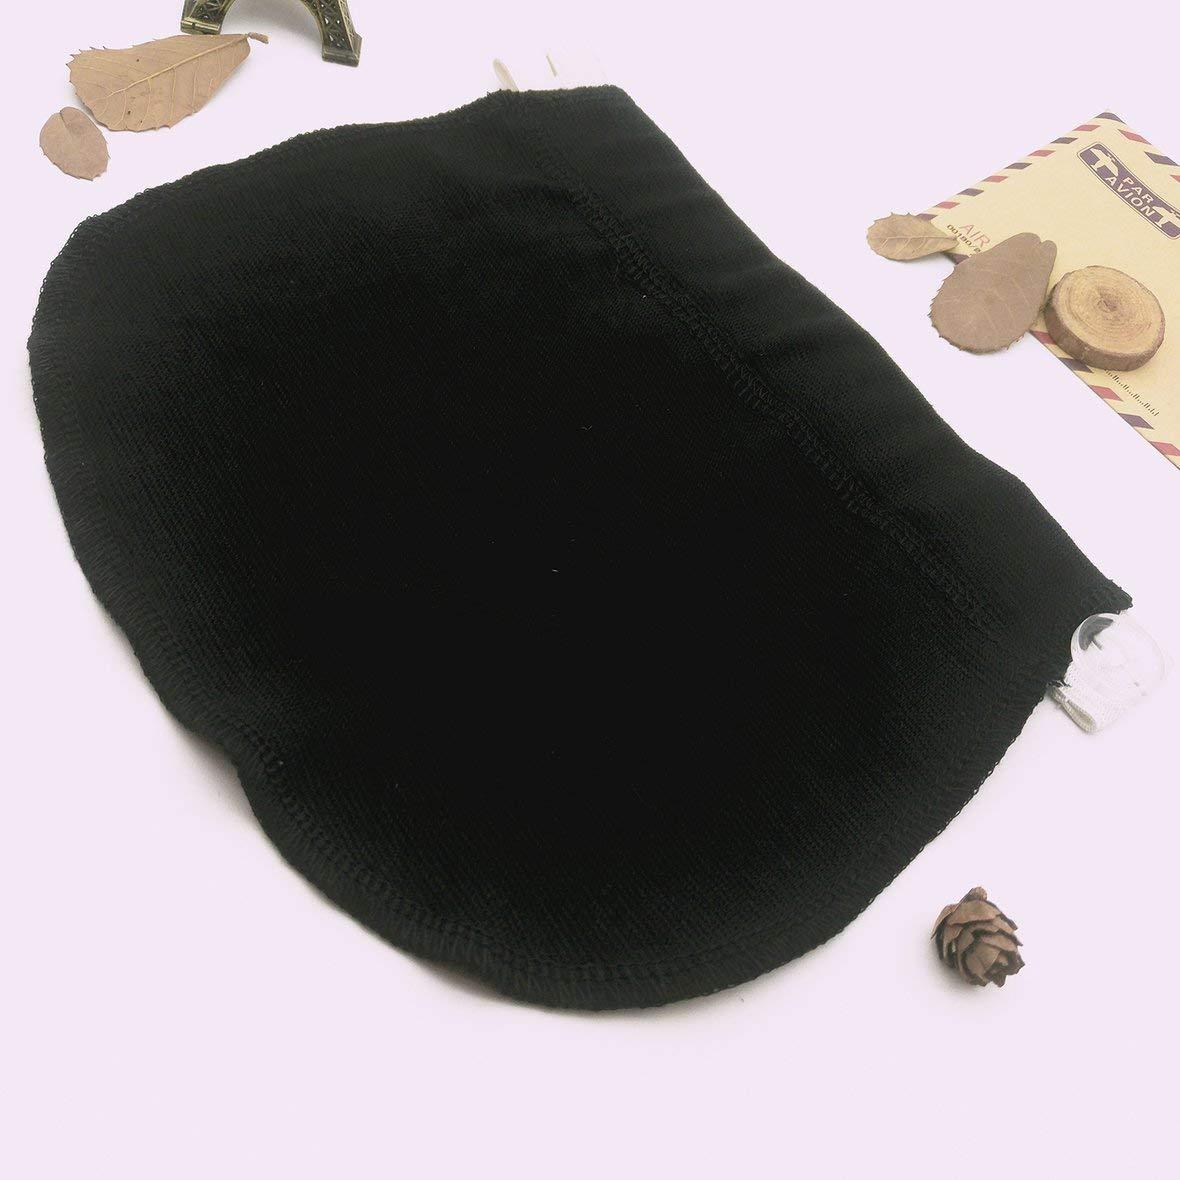 ngzhongtuhengtongjianzhugongchen Maternit/é Grossesse Ceinture Ceinture R/églable /Élastique Taille Extender V/êtements Pantalon pour Les Femmes Enceintes Noir